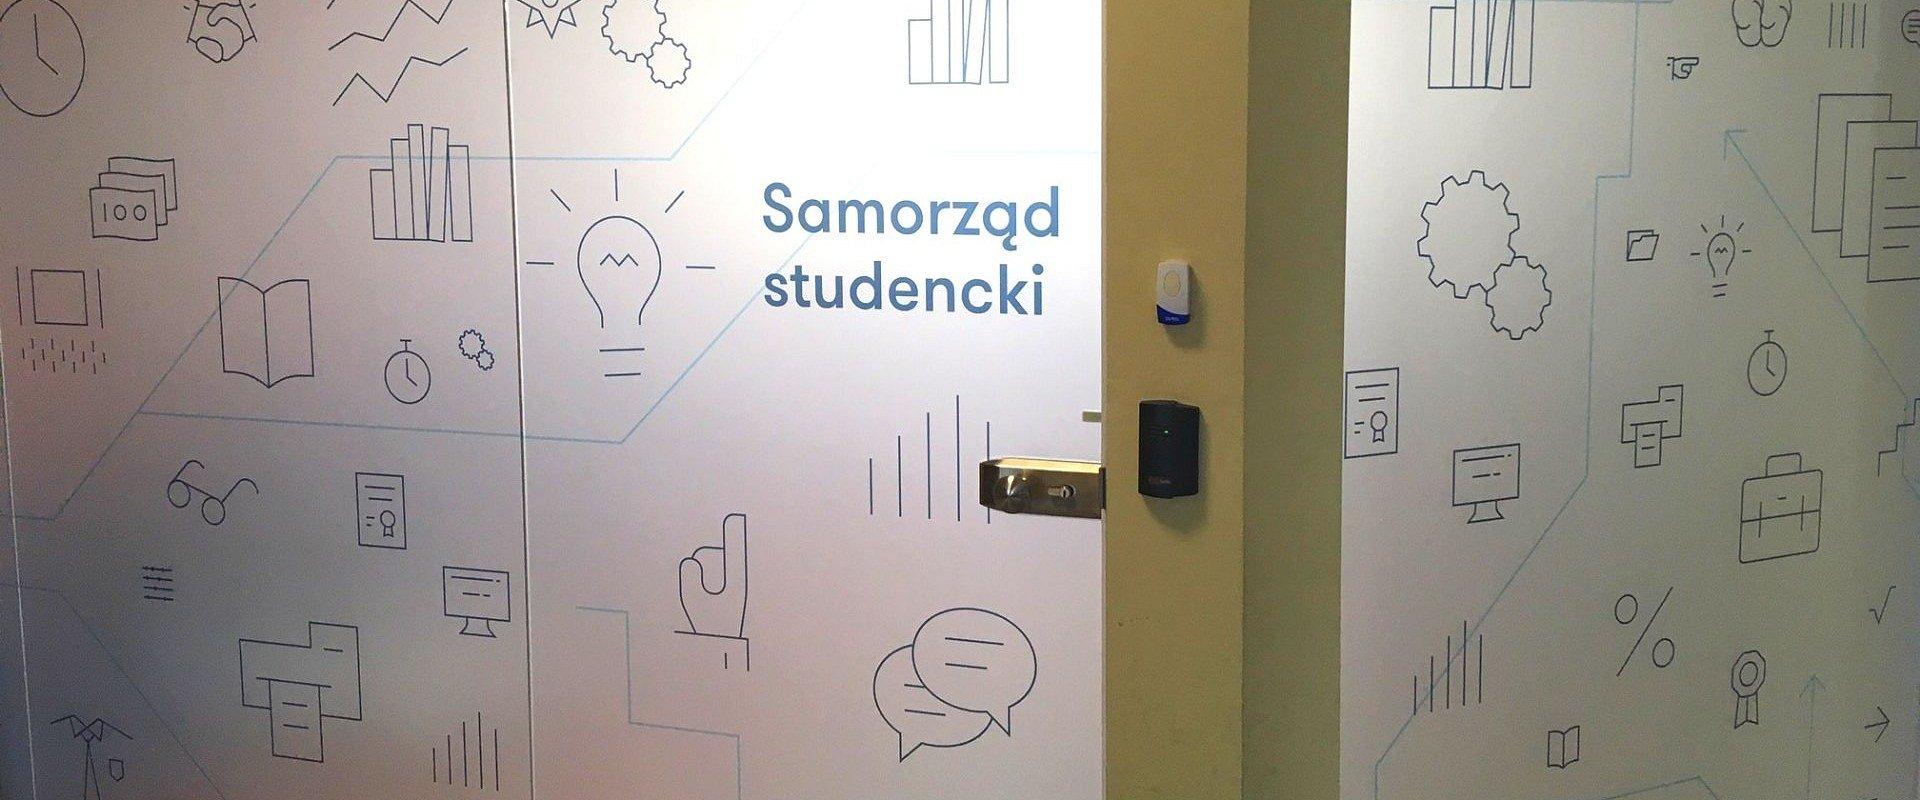 Samorząd studencki, czyli władza w rękach młodych